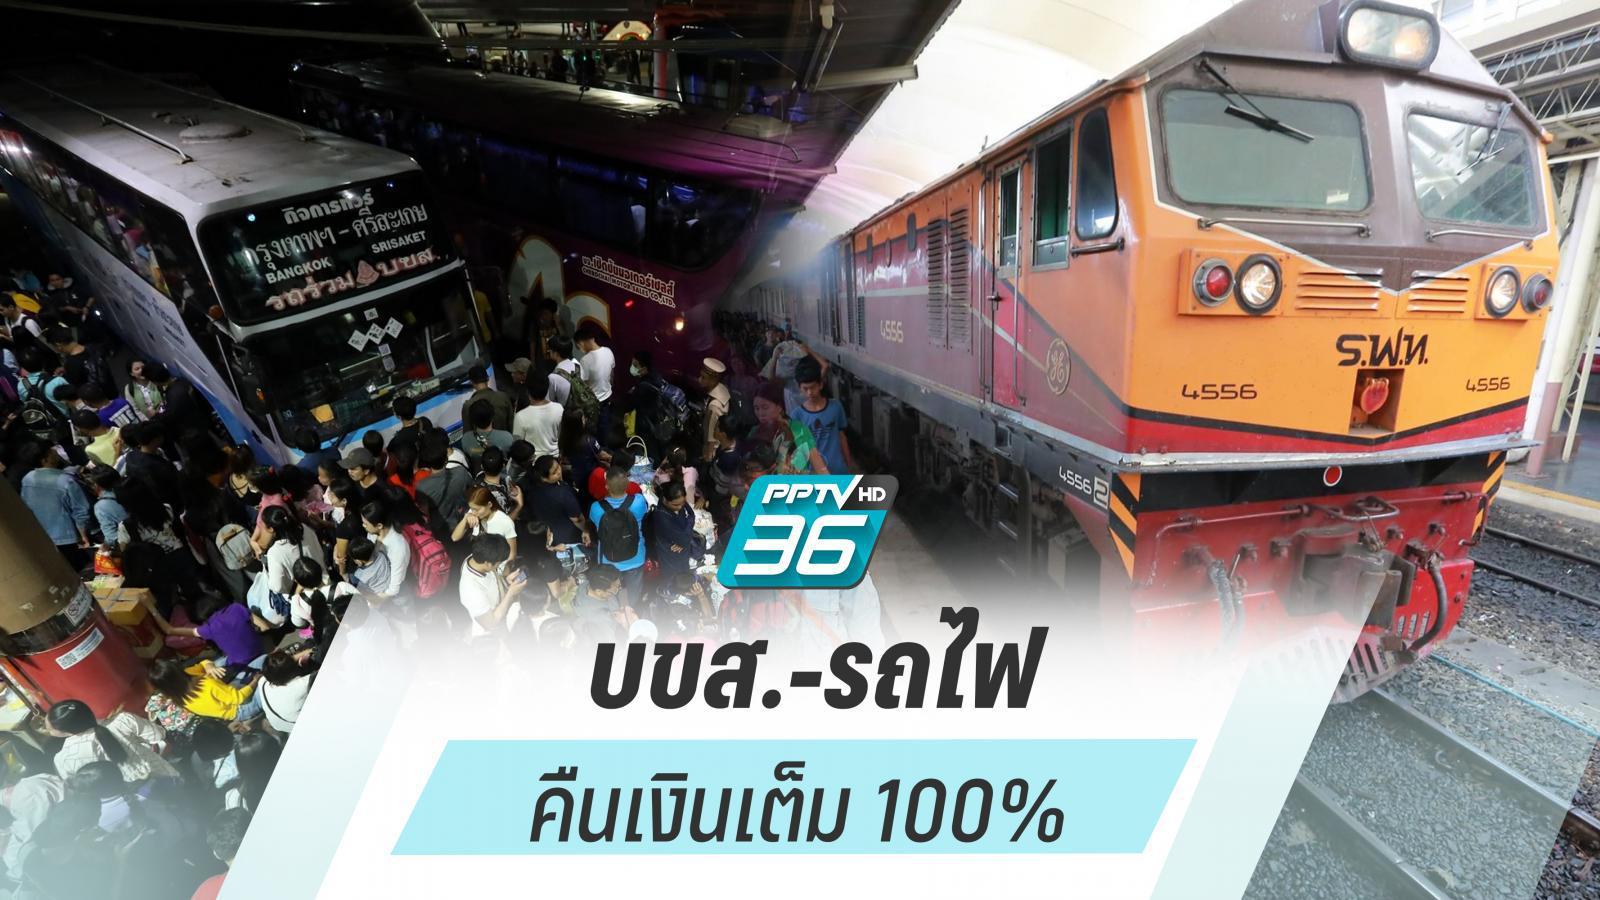 รัฐบาล ยัน ตั๋วบขส.-รถไฟ ช่วงเทศกาลสงกรานต์ ขอคืนเงินได้ 100%